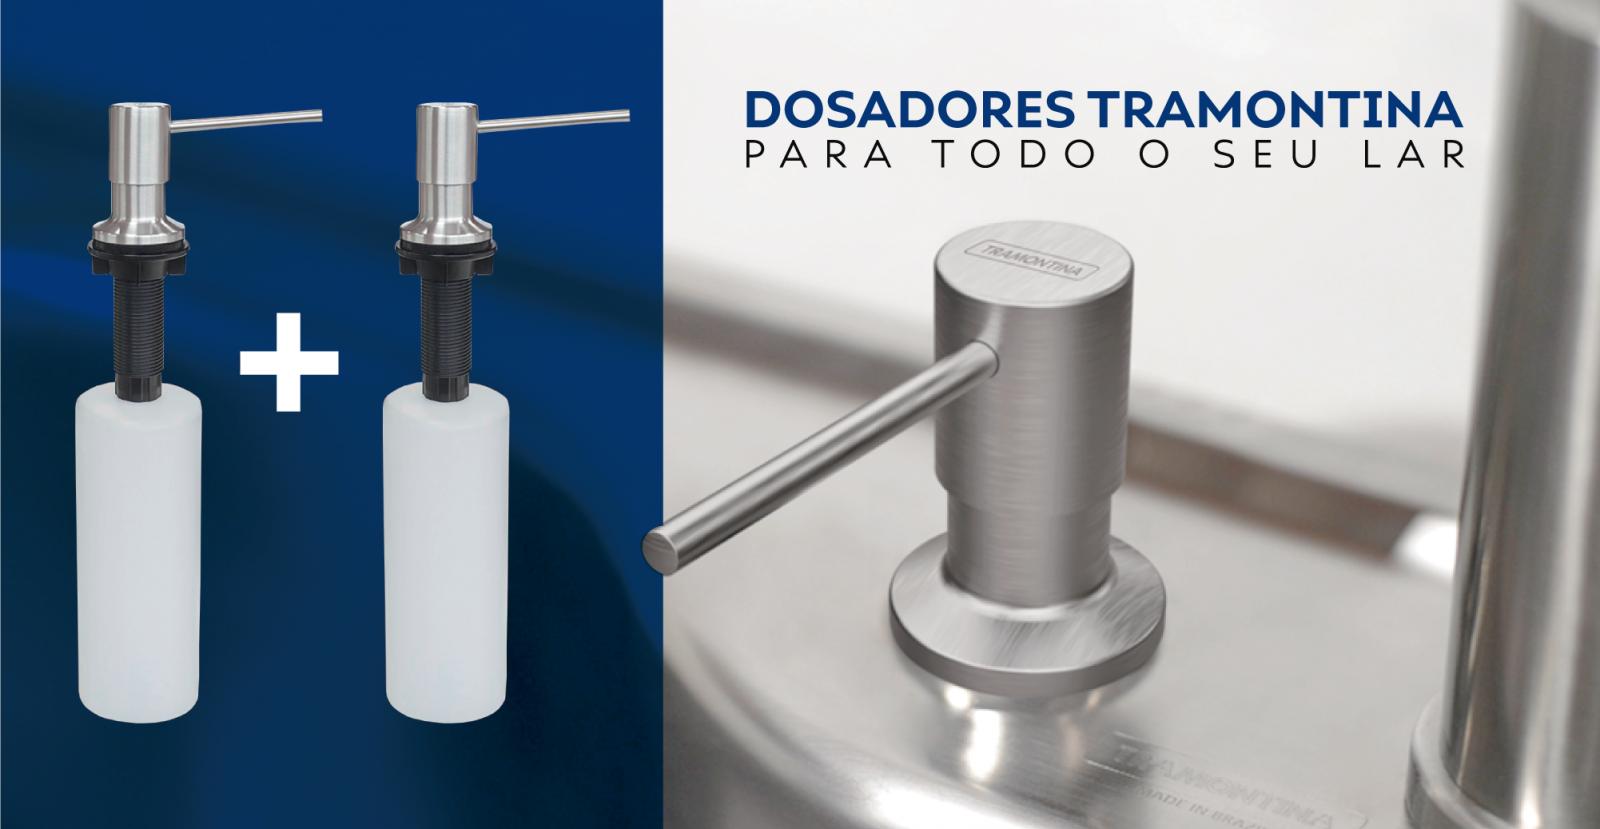 Combo Dosadores de Detergente Tramontina Inox Fosco - 500ml